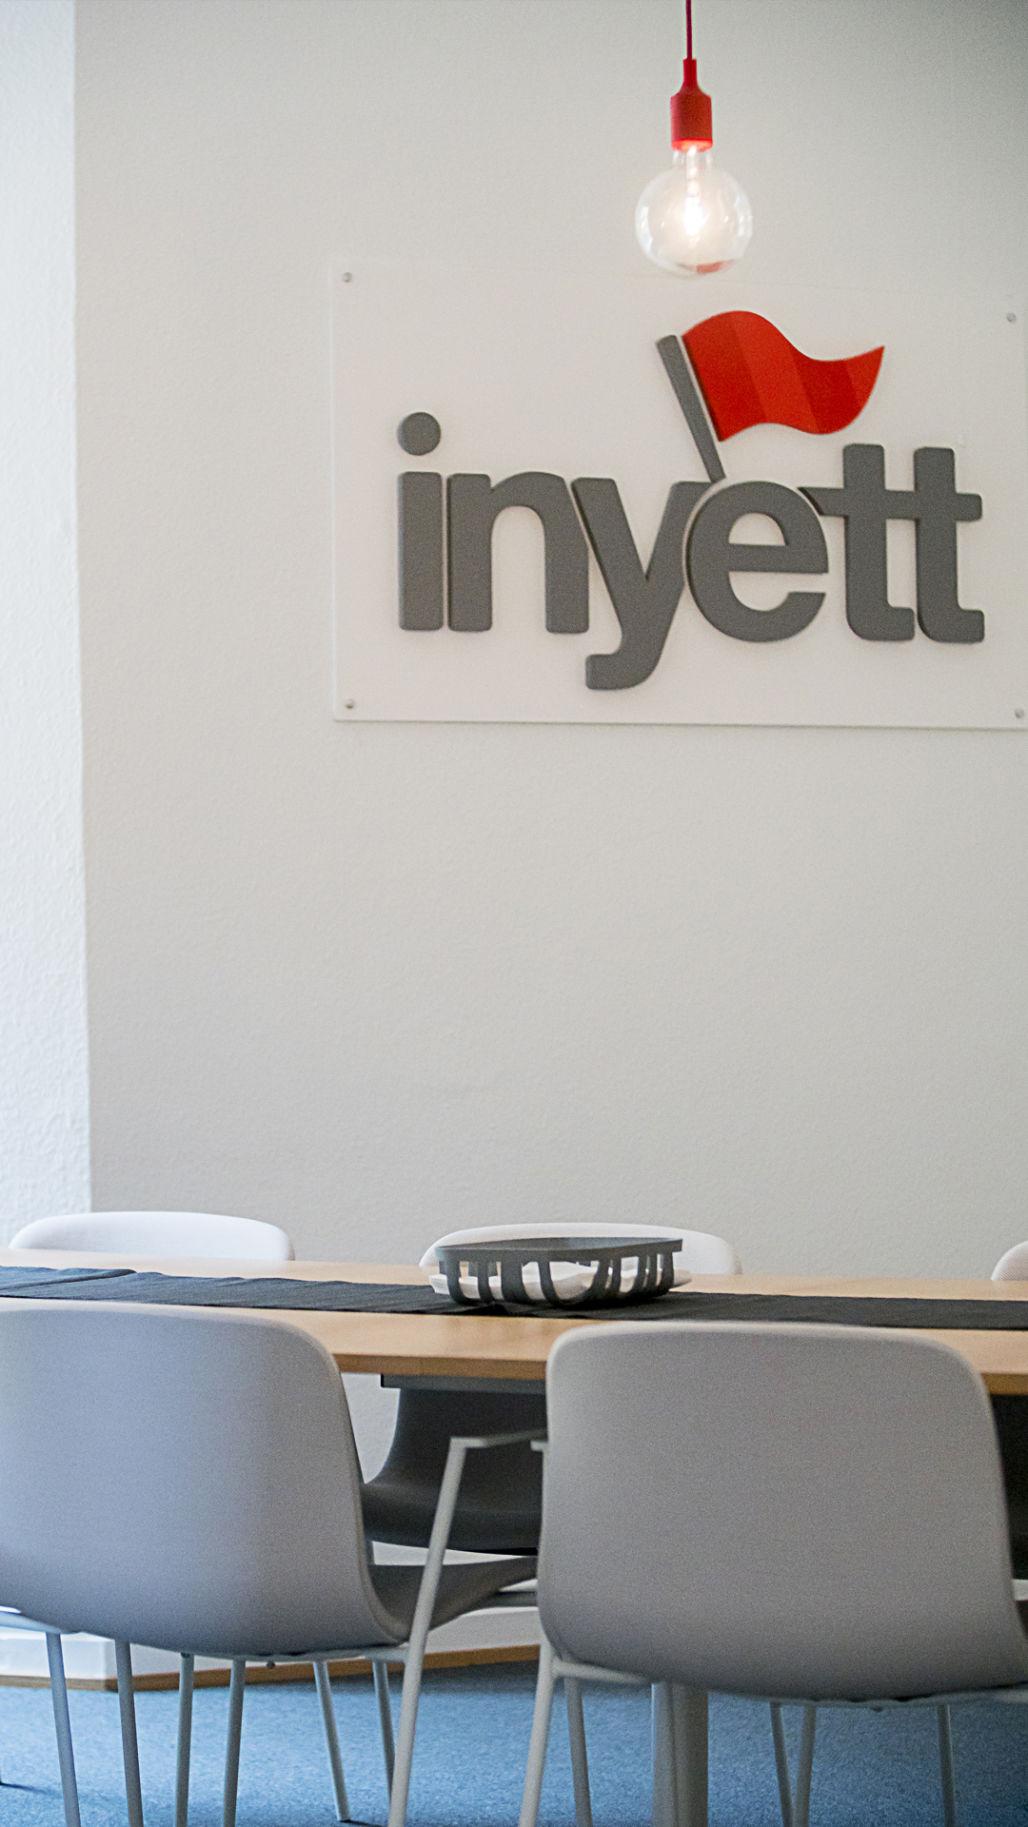 Tillväxtföretaget Inyett gör genombrottsaffär med PwC Sverige 2